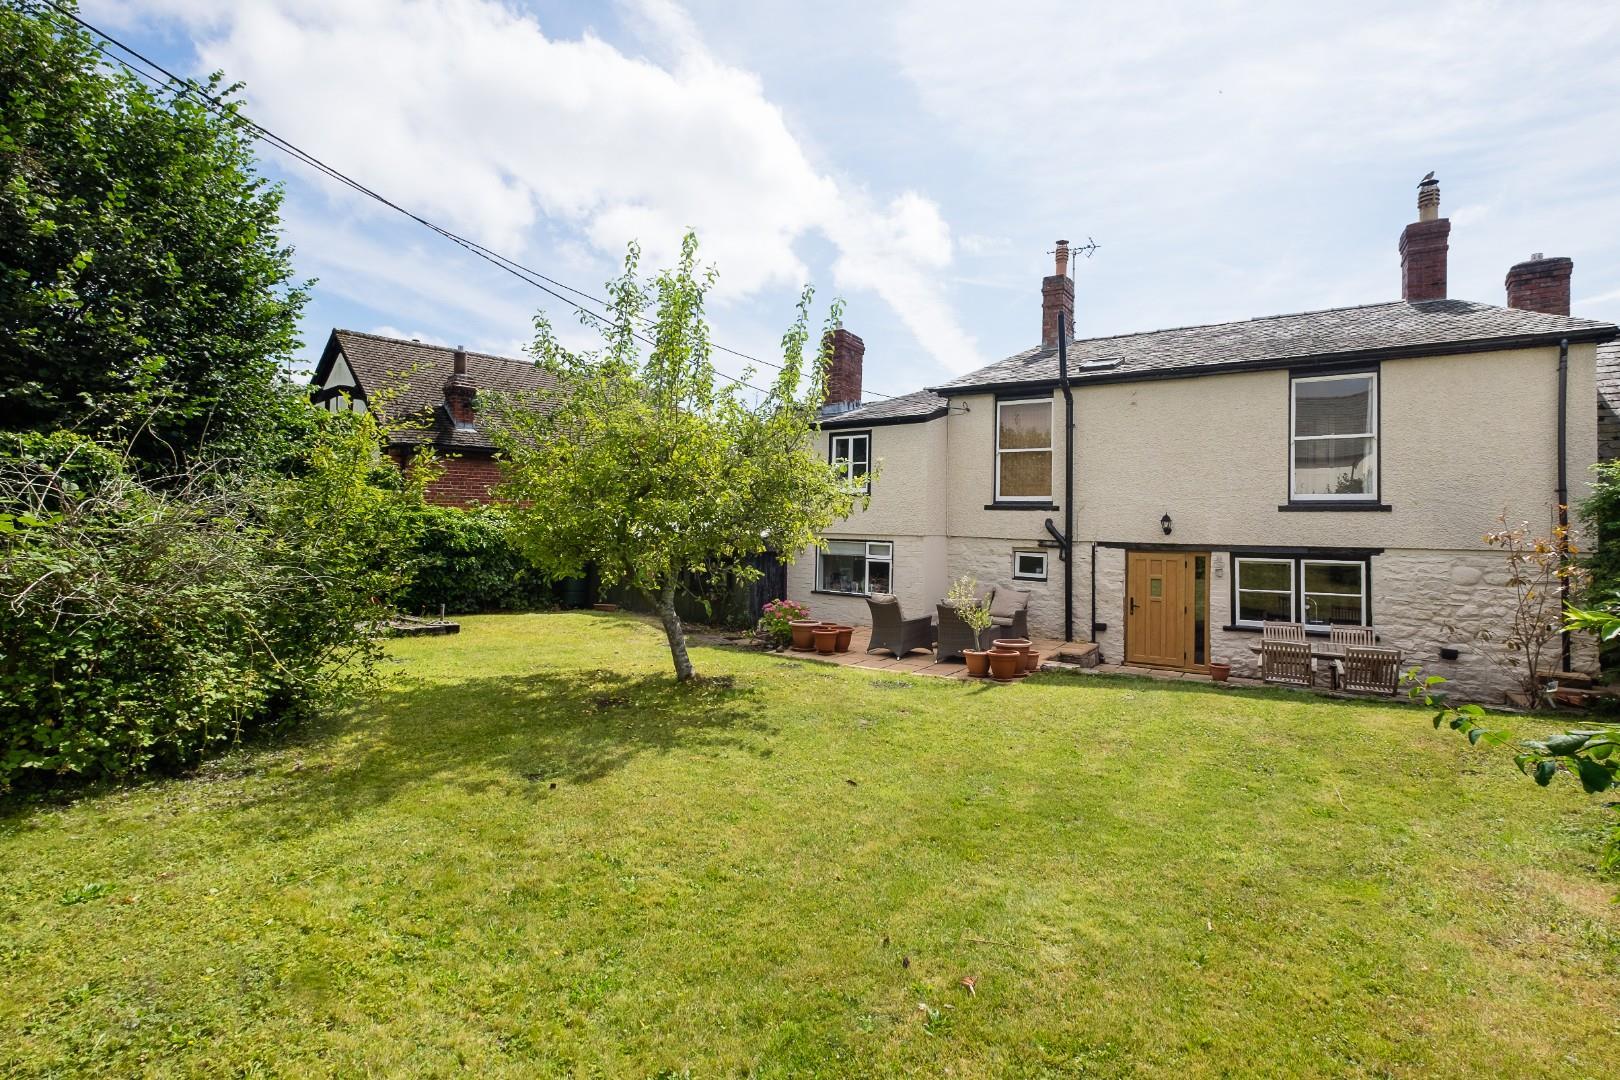 Lyonshall, Kington - For Sale